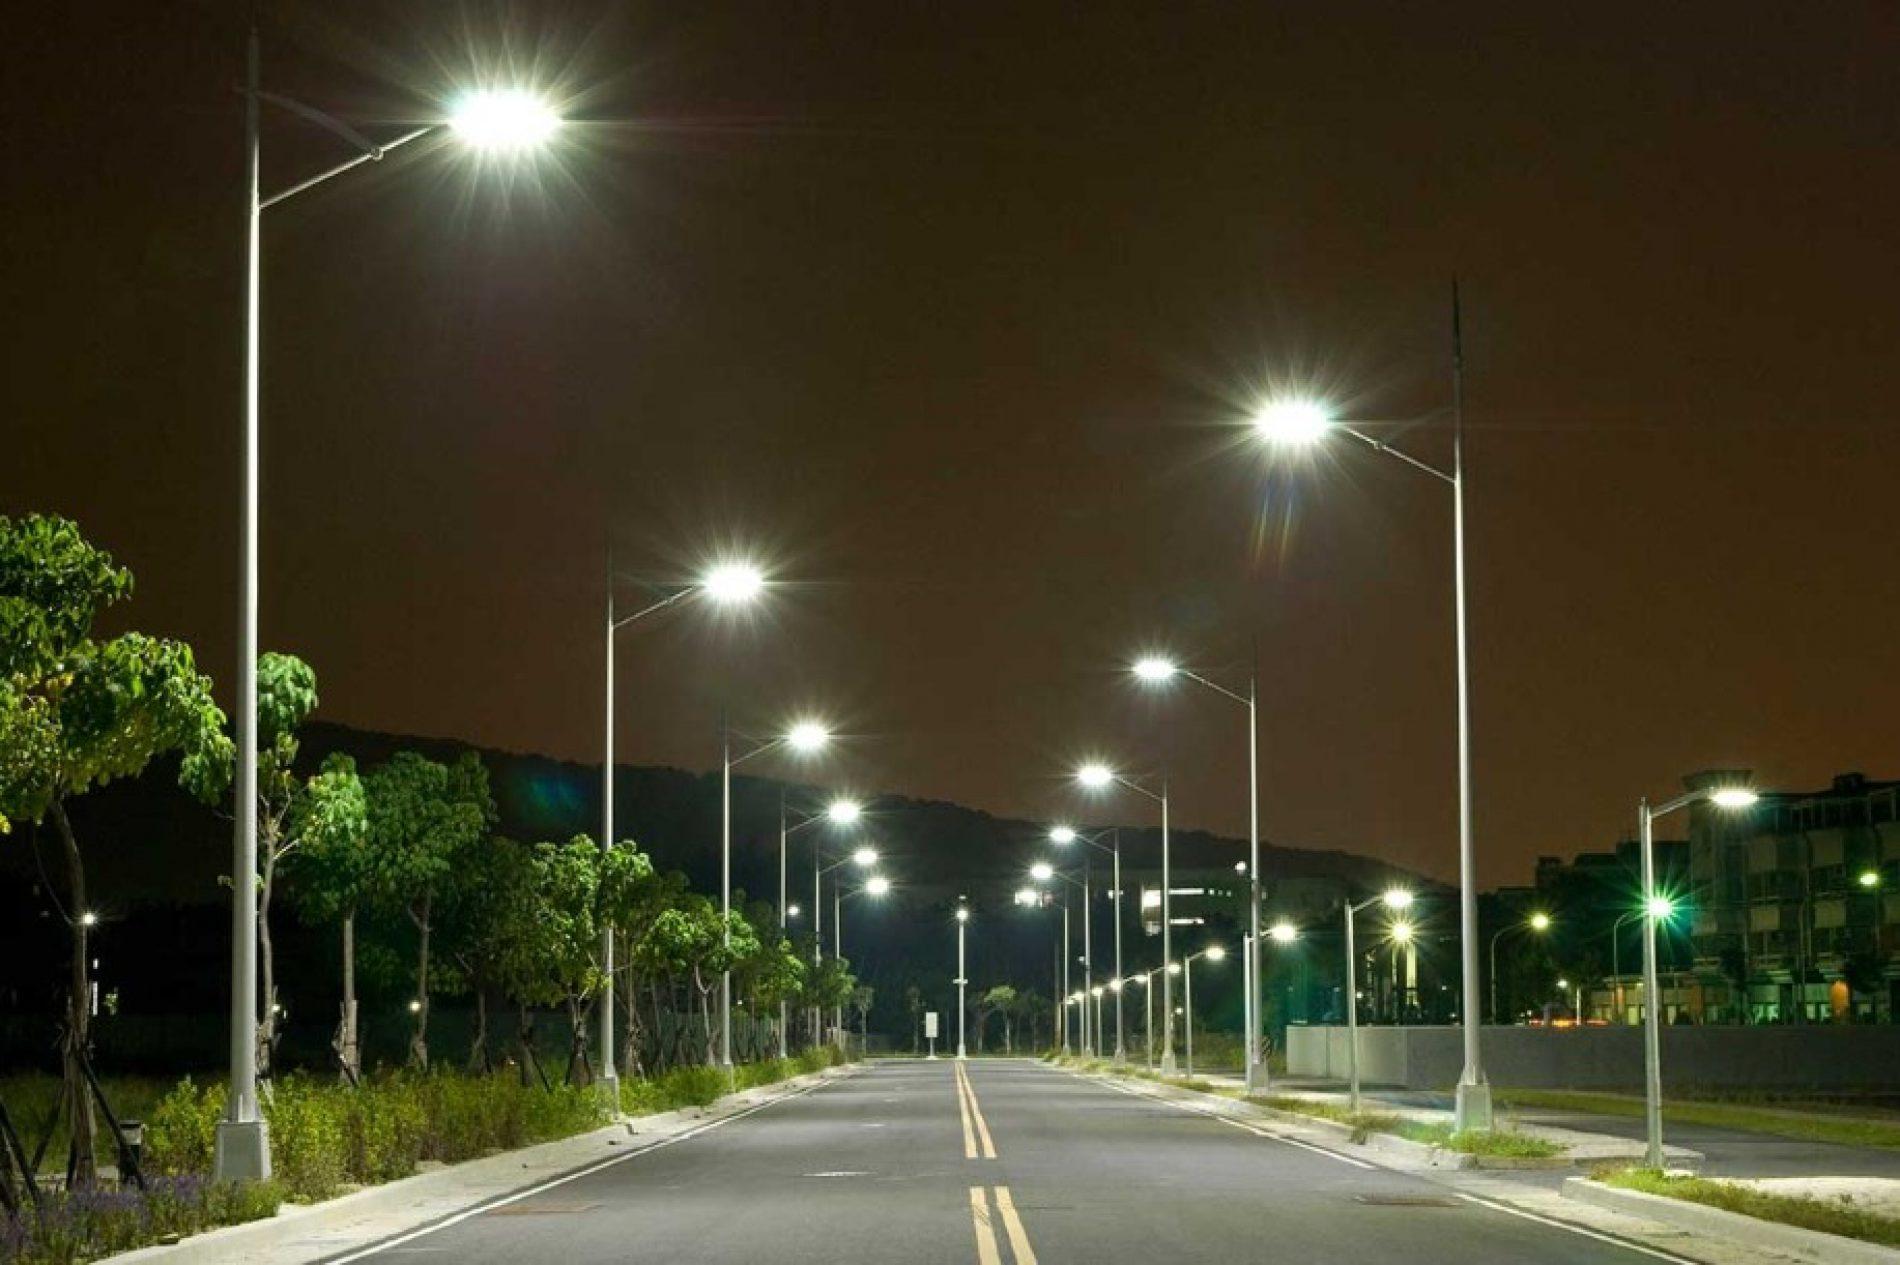 Nuovi criteri minimi per illuminazione pubblica